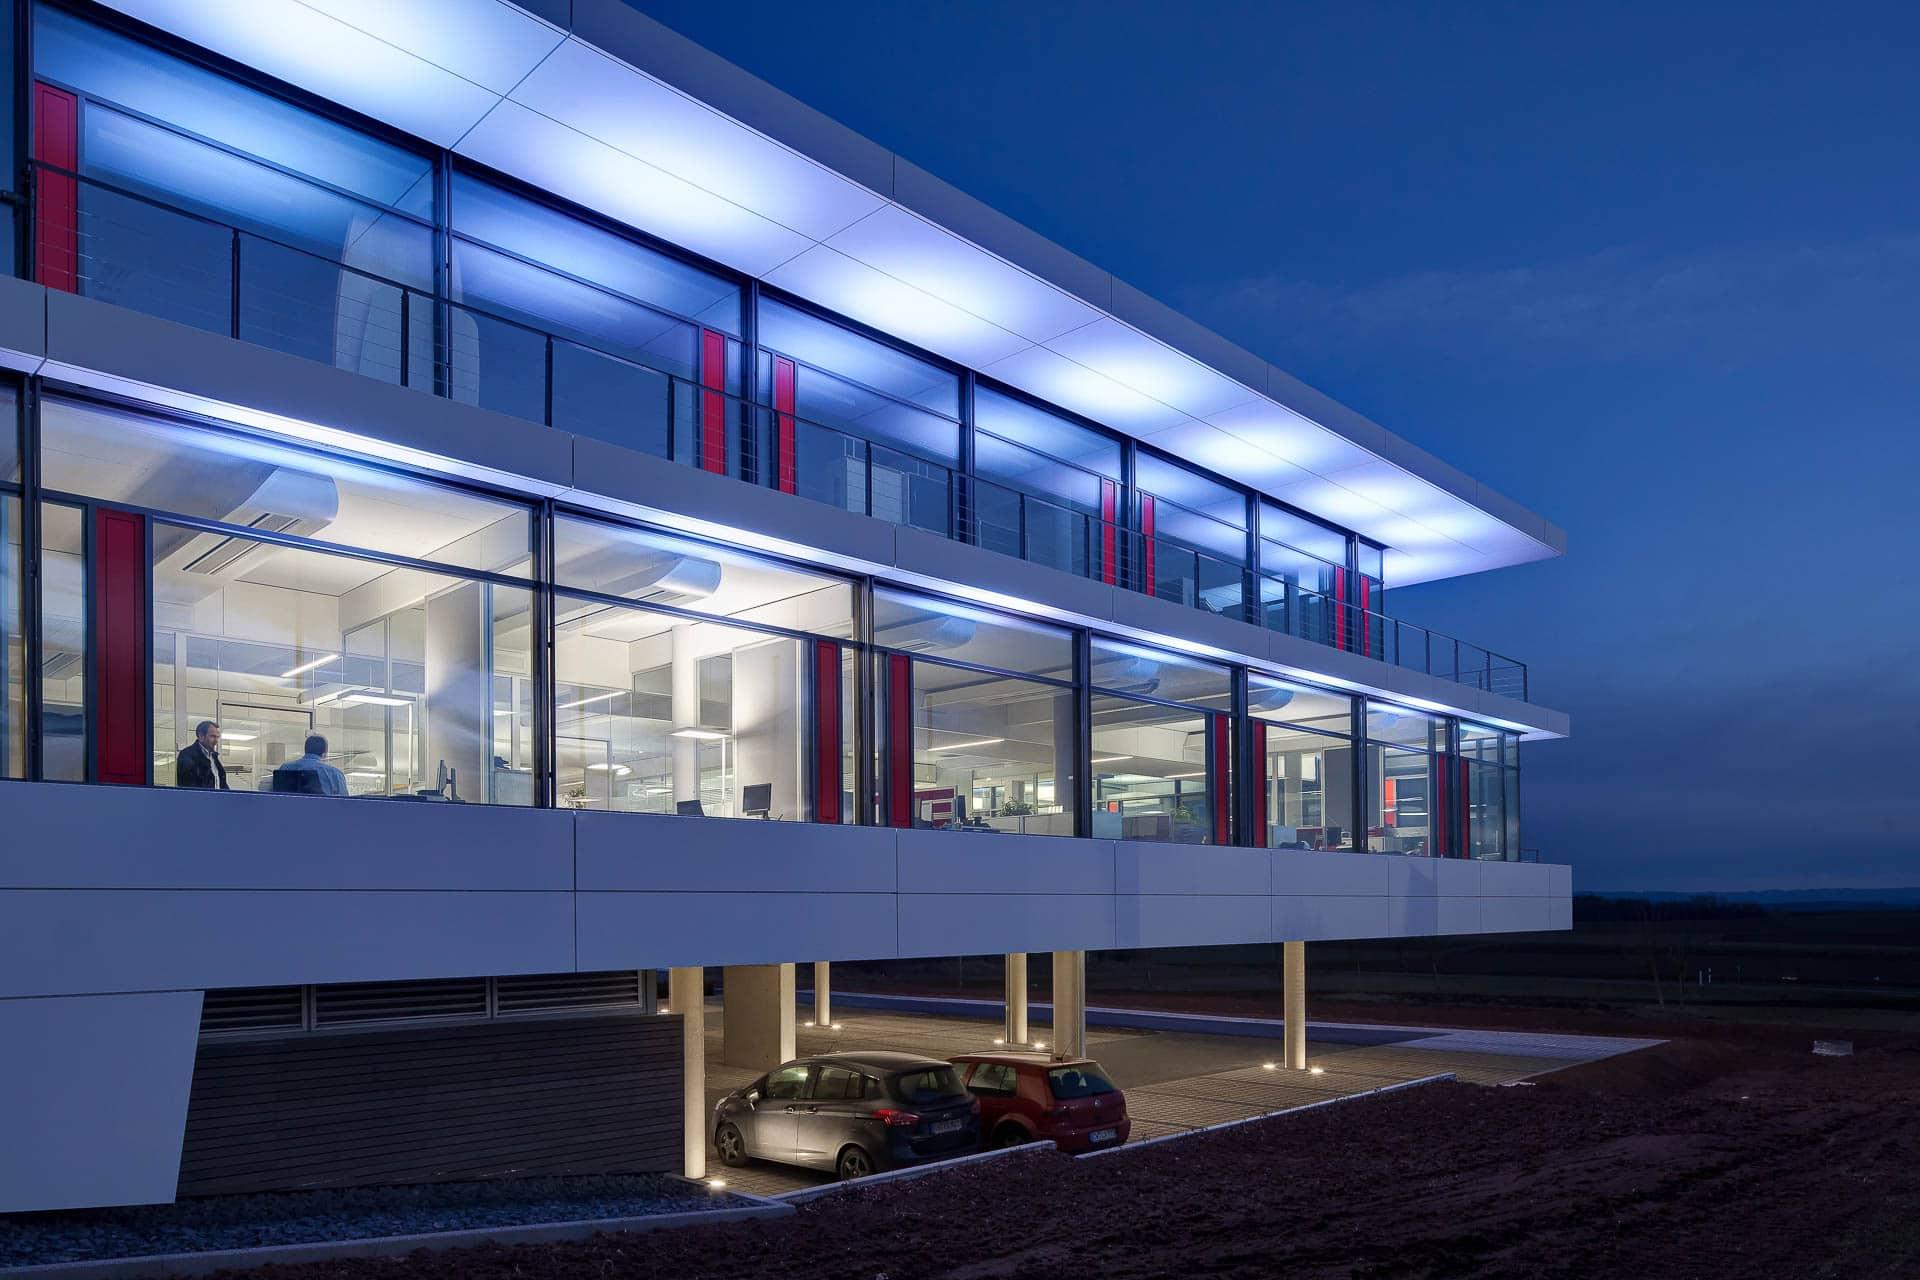 sehr guter Architekturfotograf Raum Stuttgart, stimmungsvolle Abendaufnahme, innovative Energietechnik